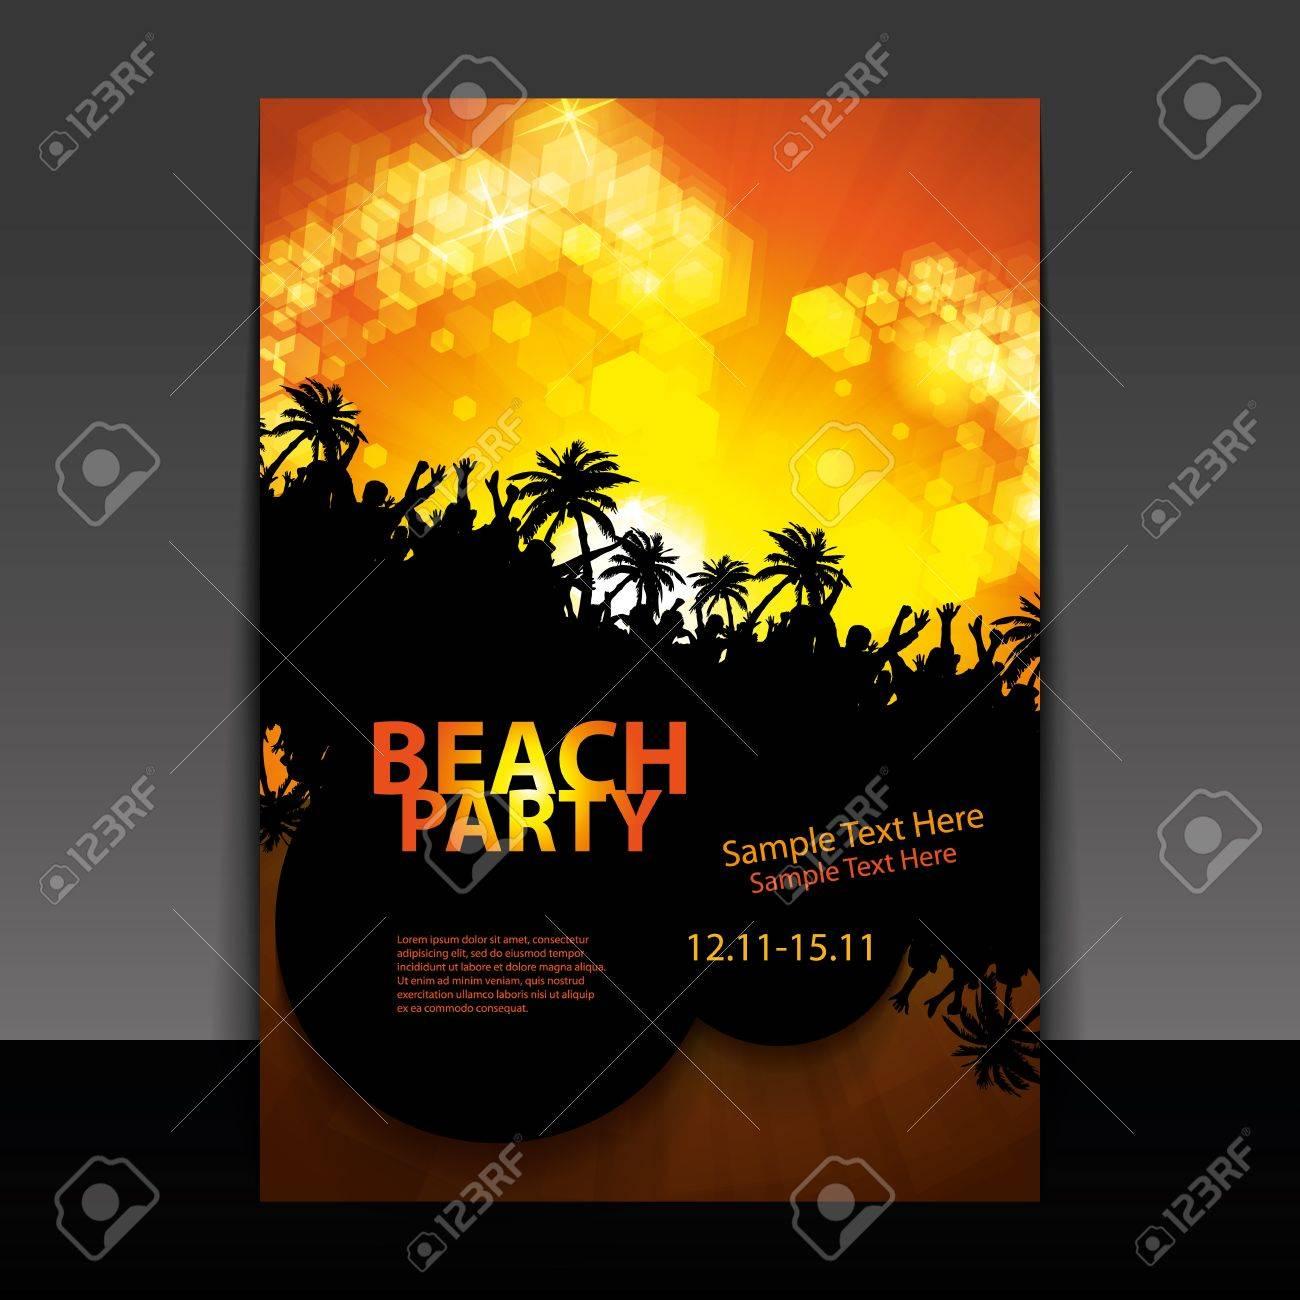 Flyer or Cover Design - Beach Party Stock Vector - 16740610